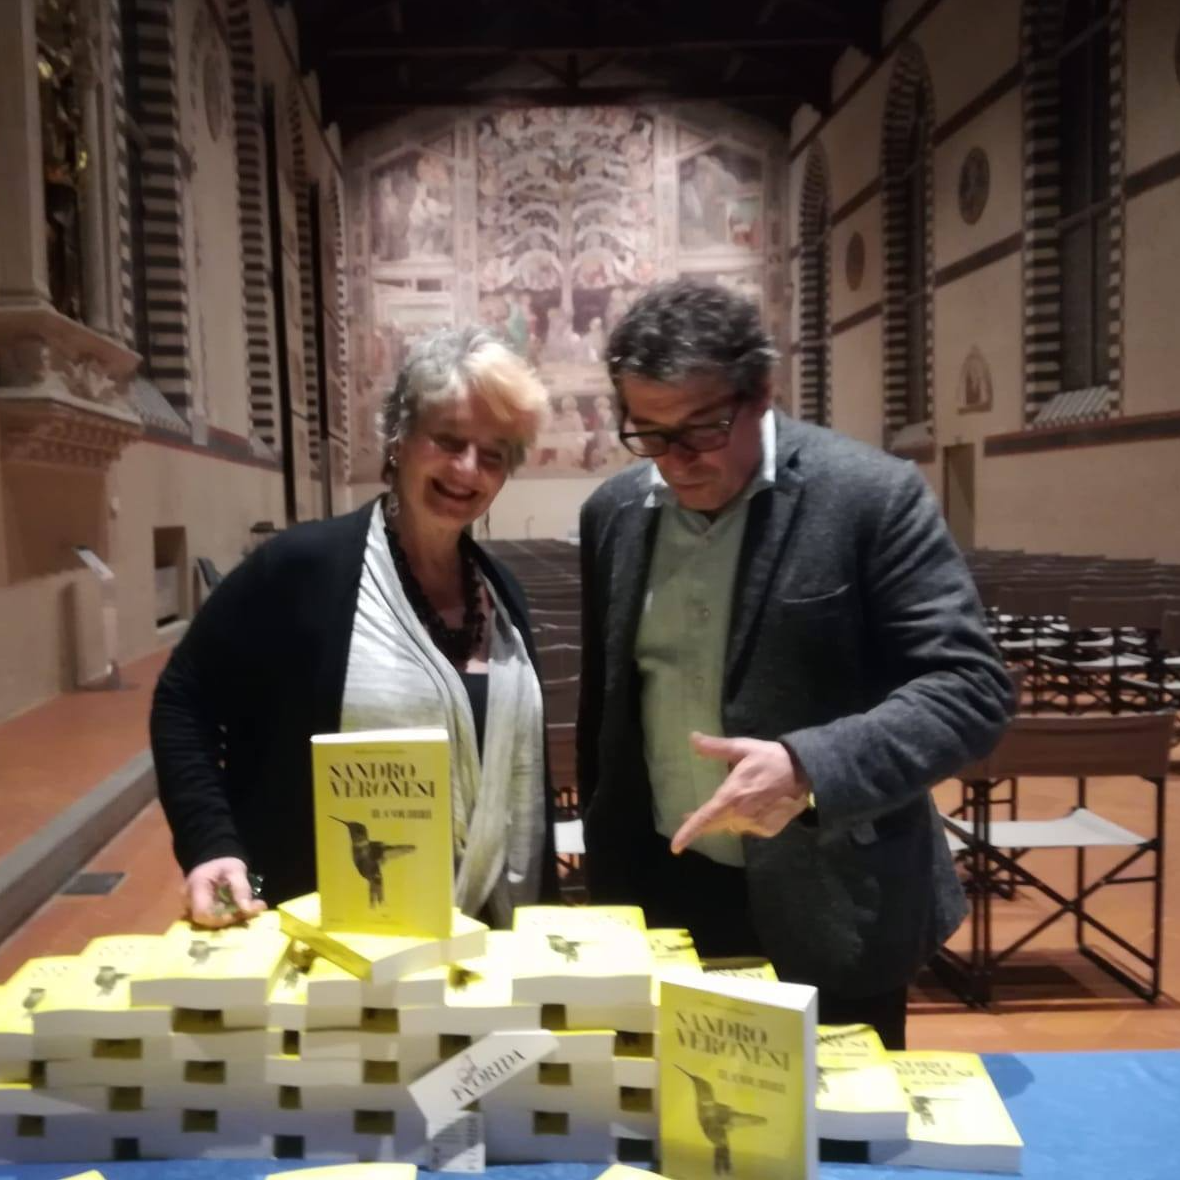 Sandro-Veronesi_libreria-florida-firenze